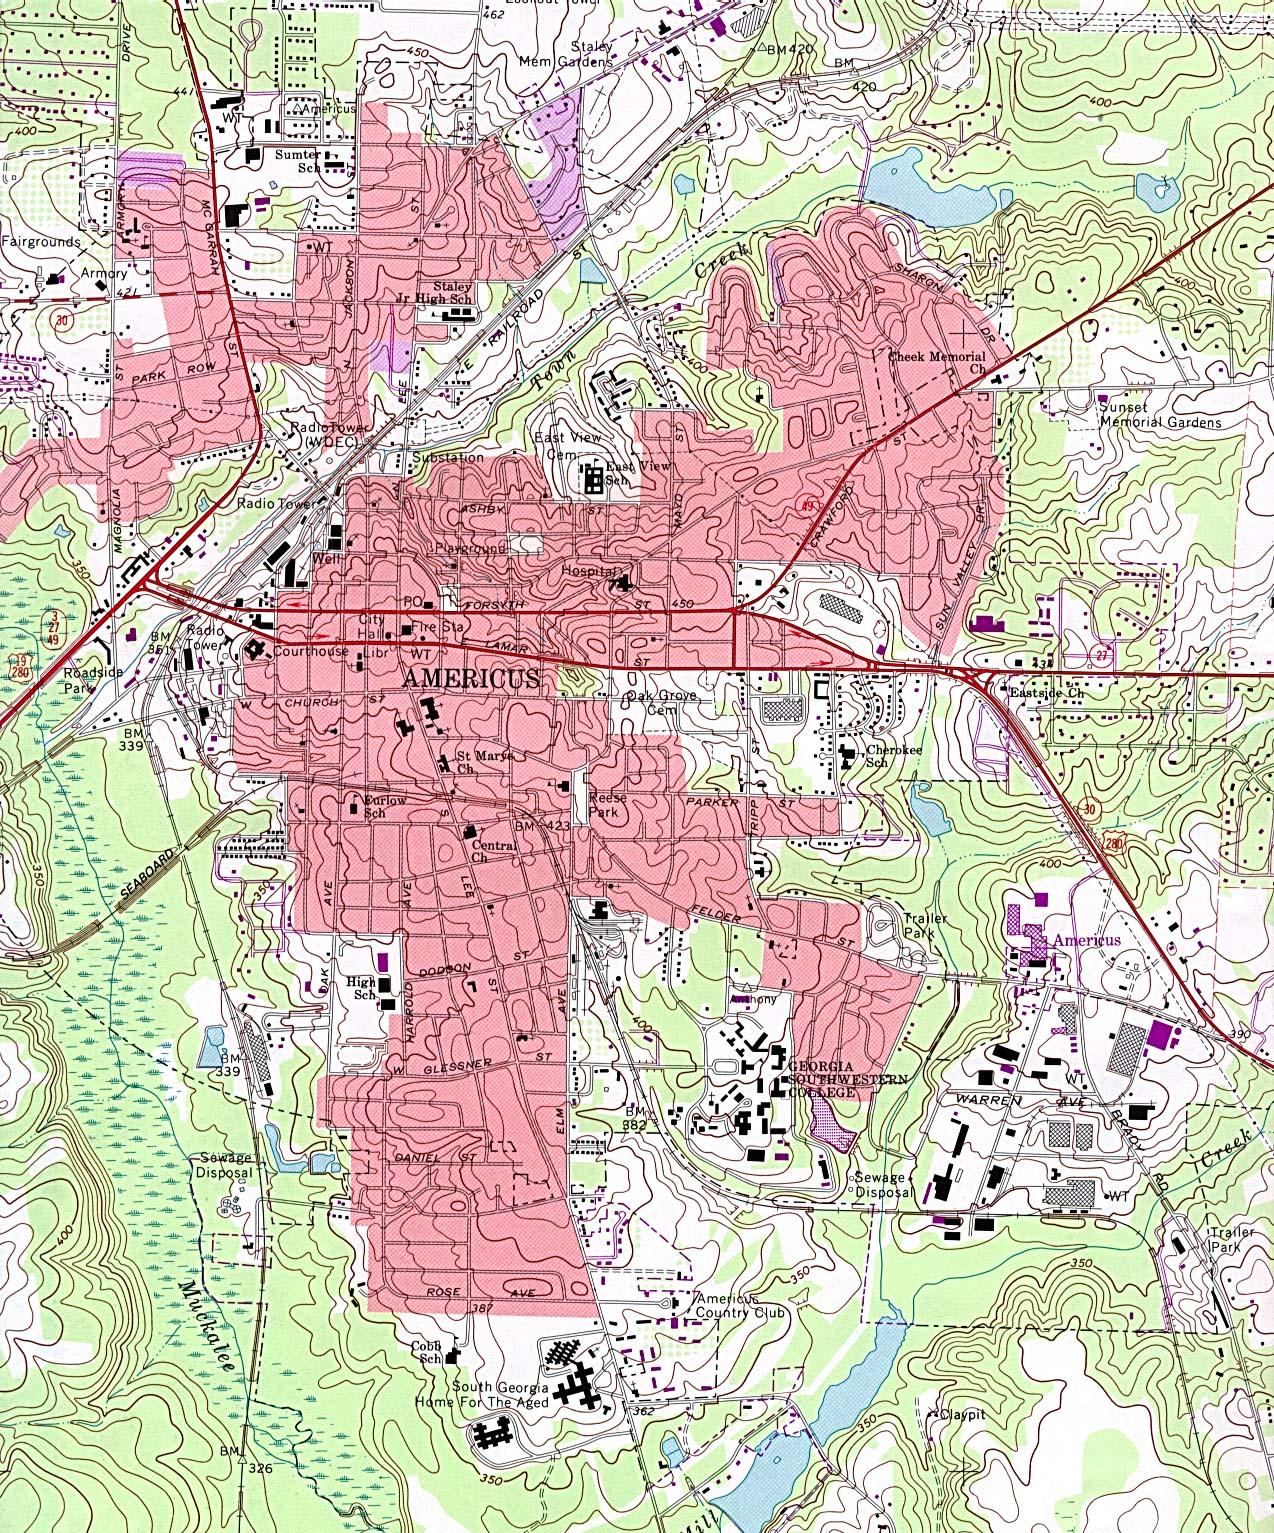 Americus Topographic City Map, Georgia, United States